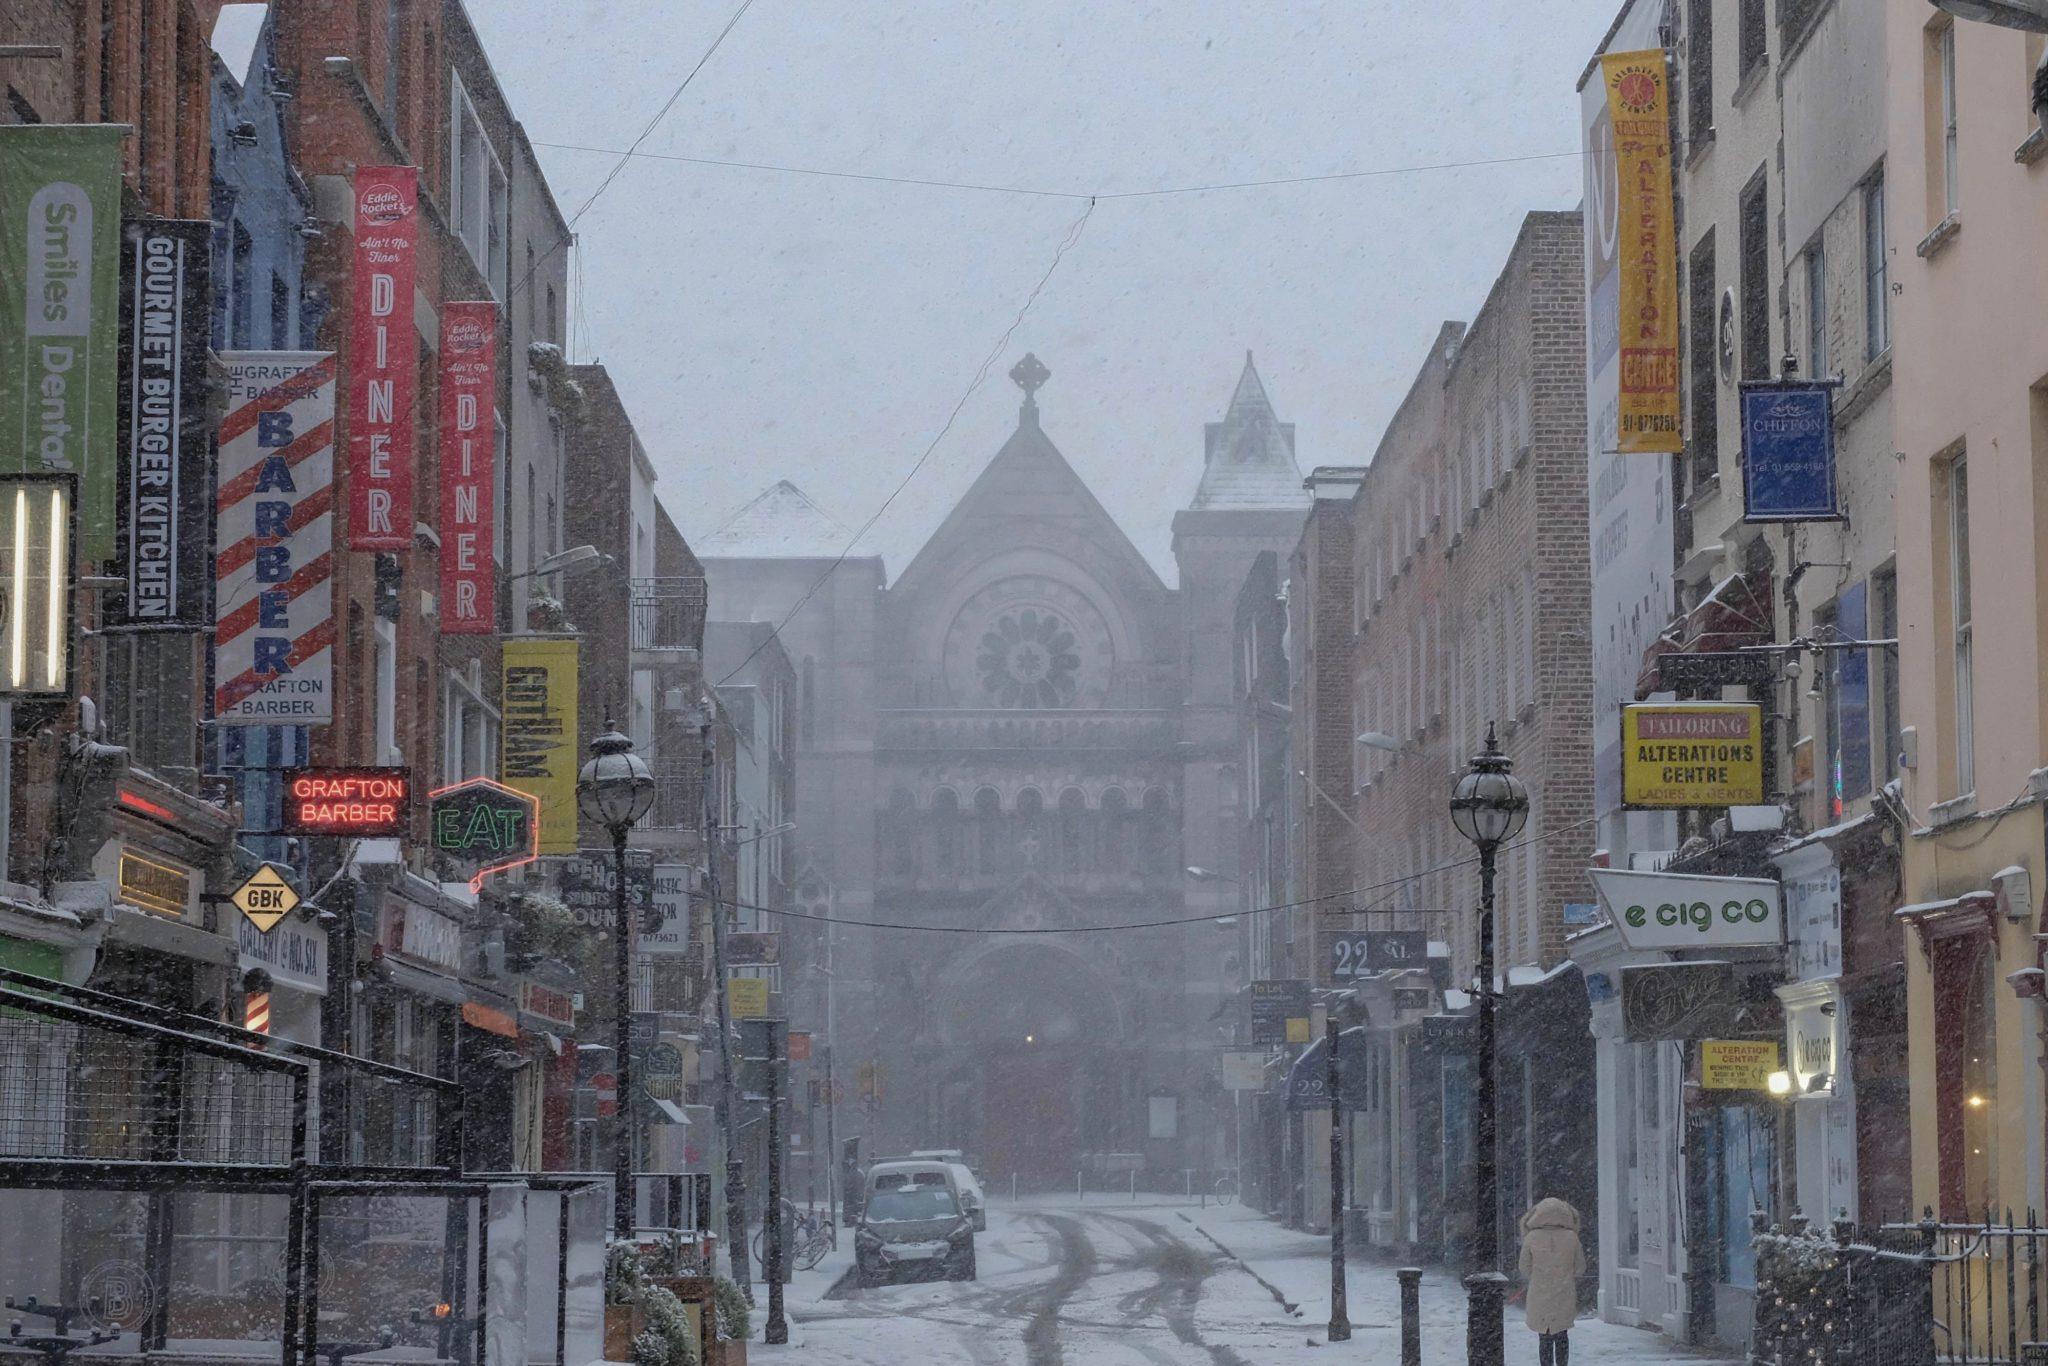 St. Patrick's Day in Dublin: Auch bei Schnee wird in Dublin gefeiert